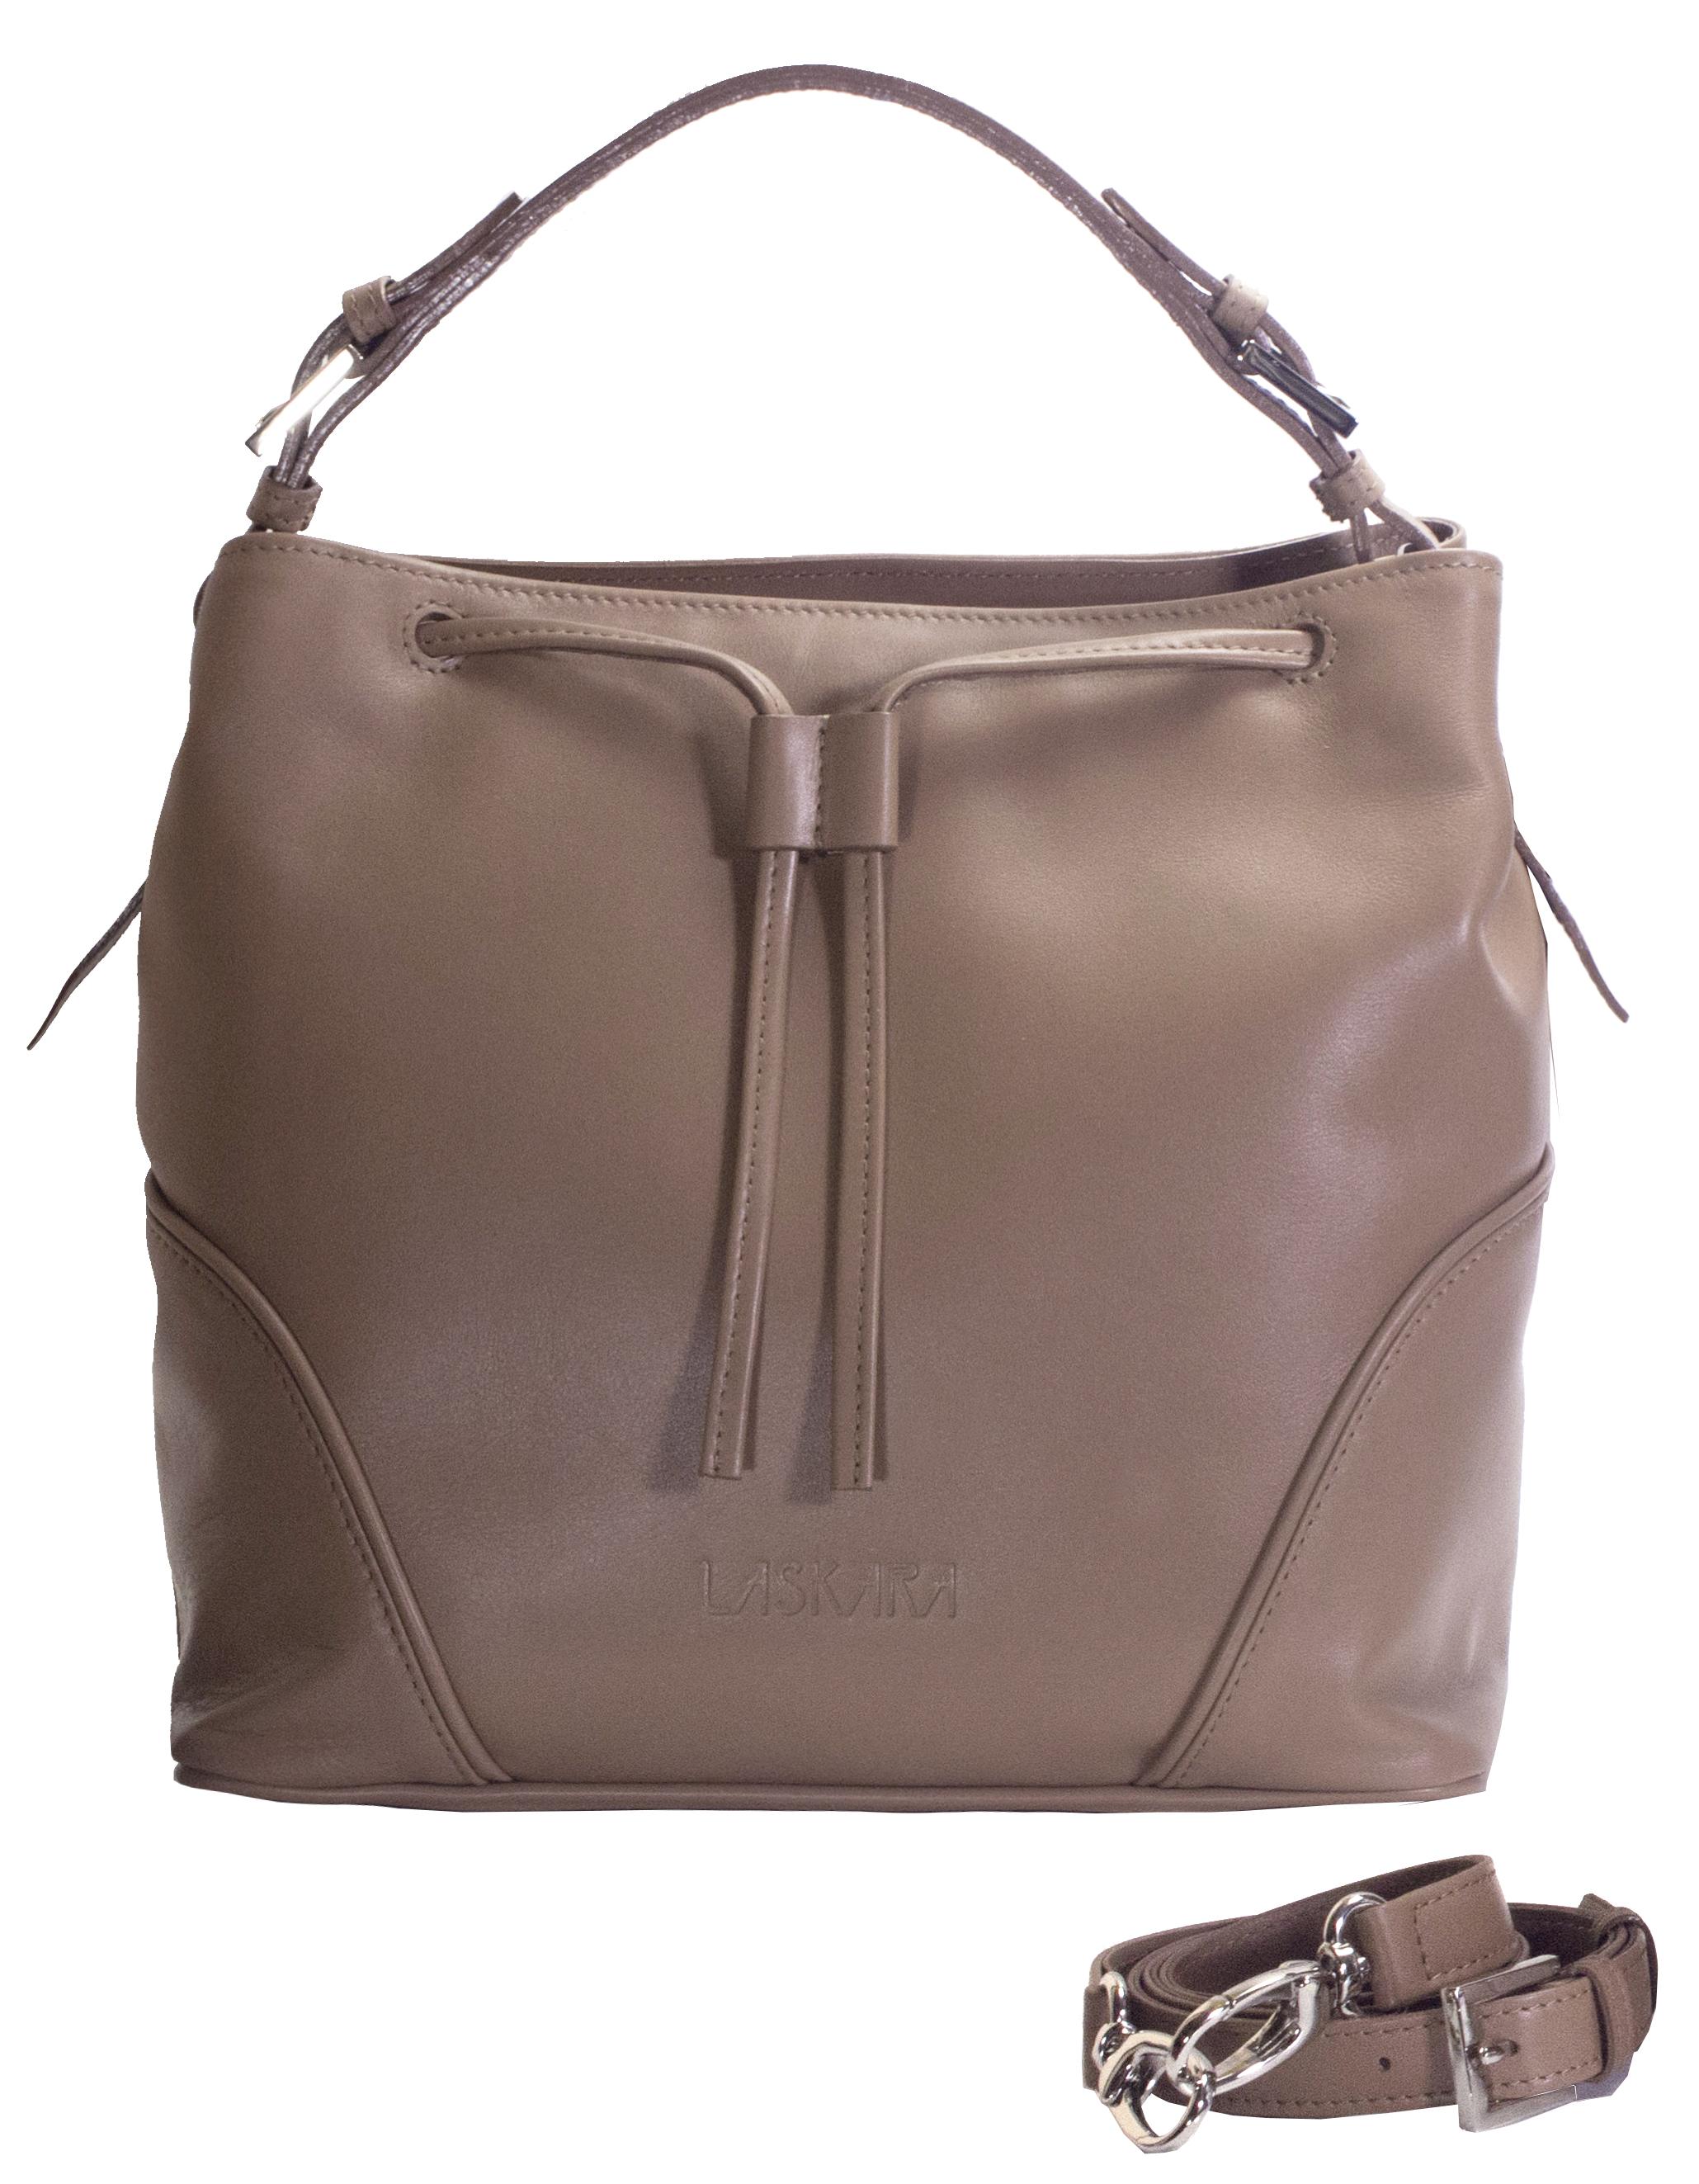 Hnědá kožená kabelka se zajímavým detailem 11-DS263-honey